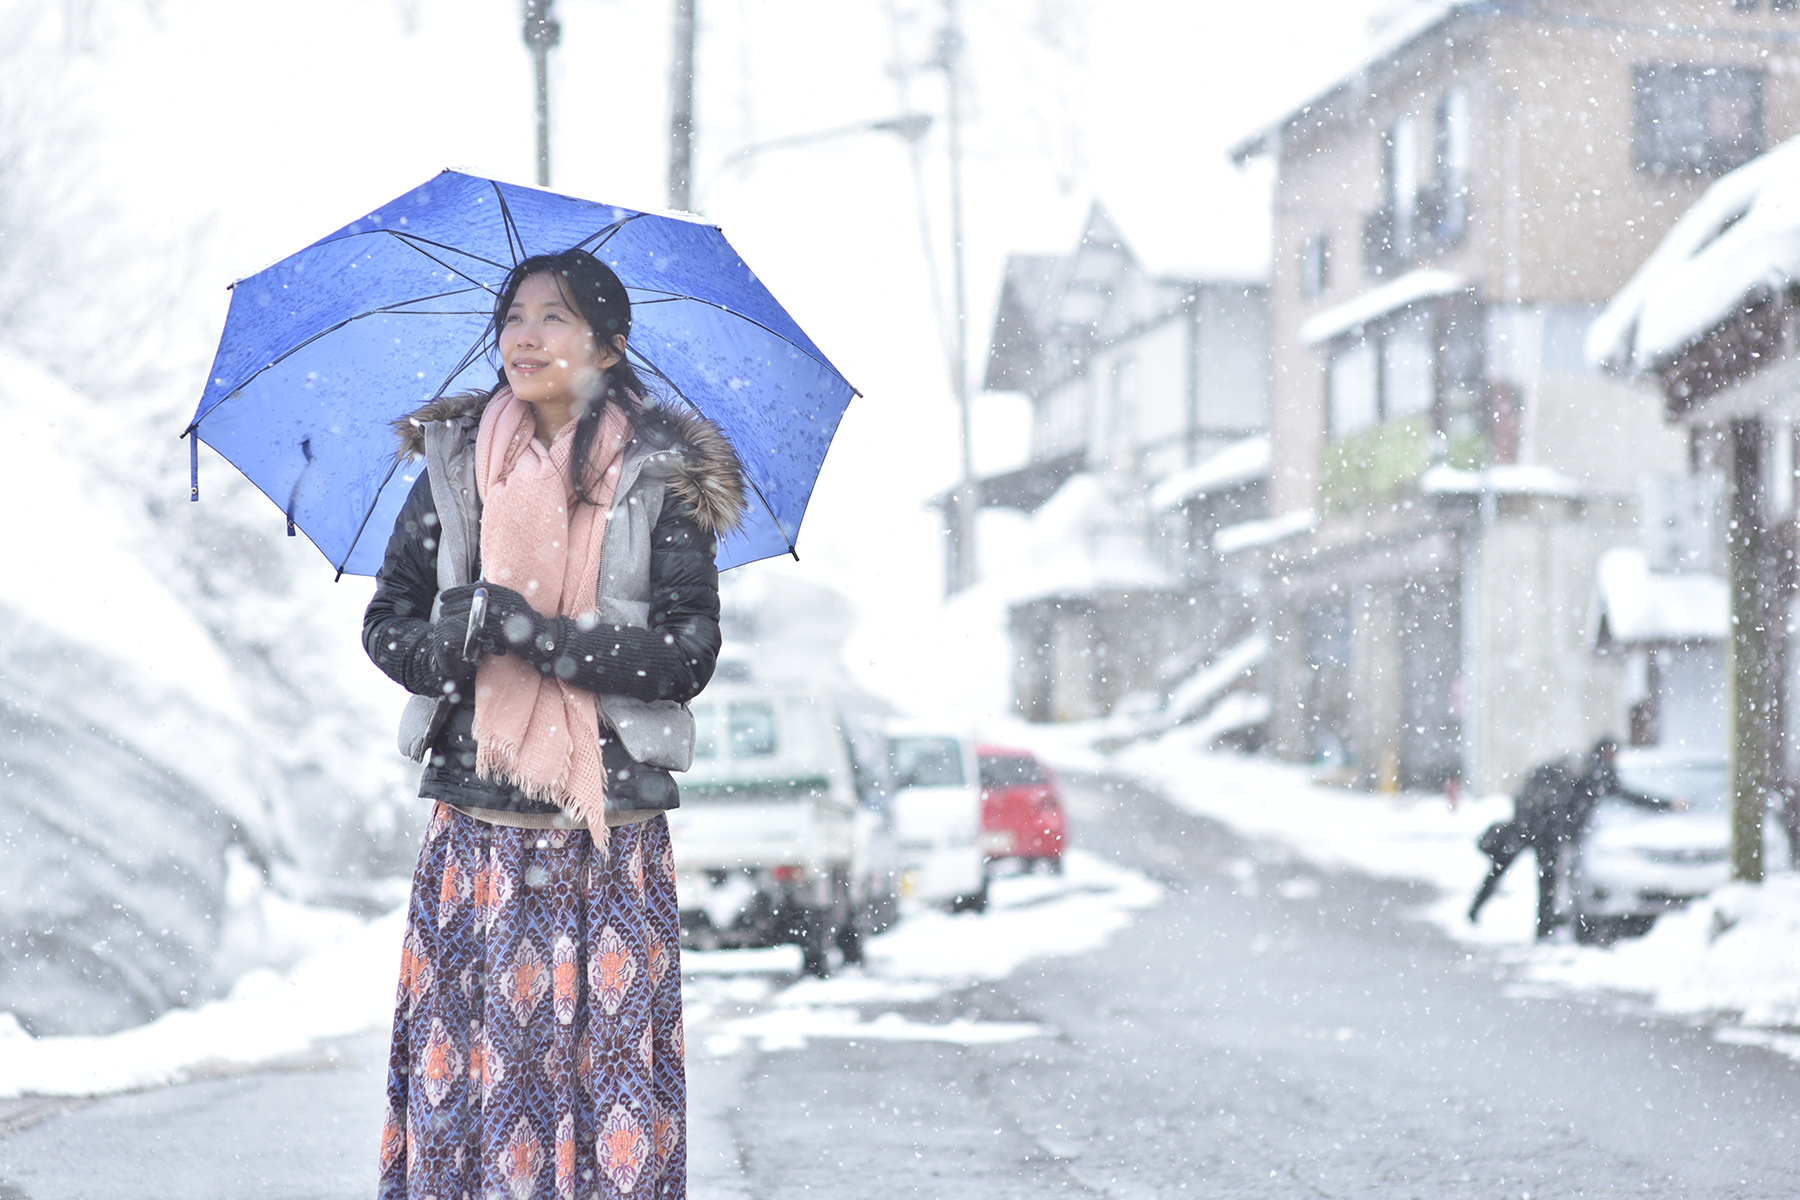 冬-2ー2雪の温泉街